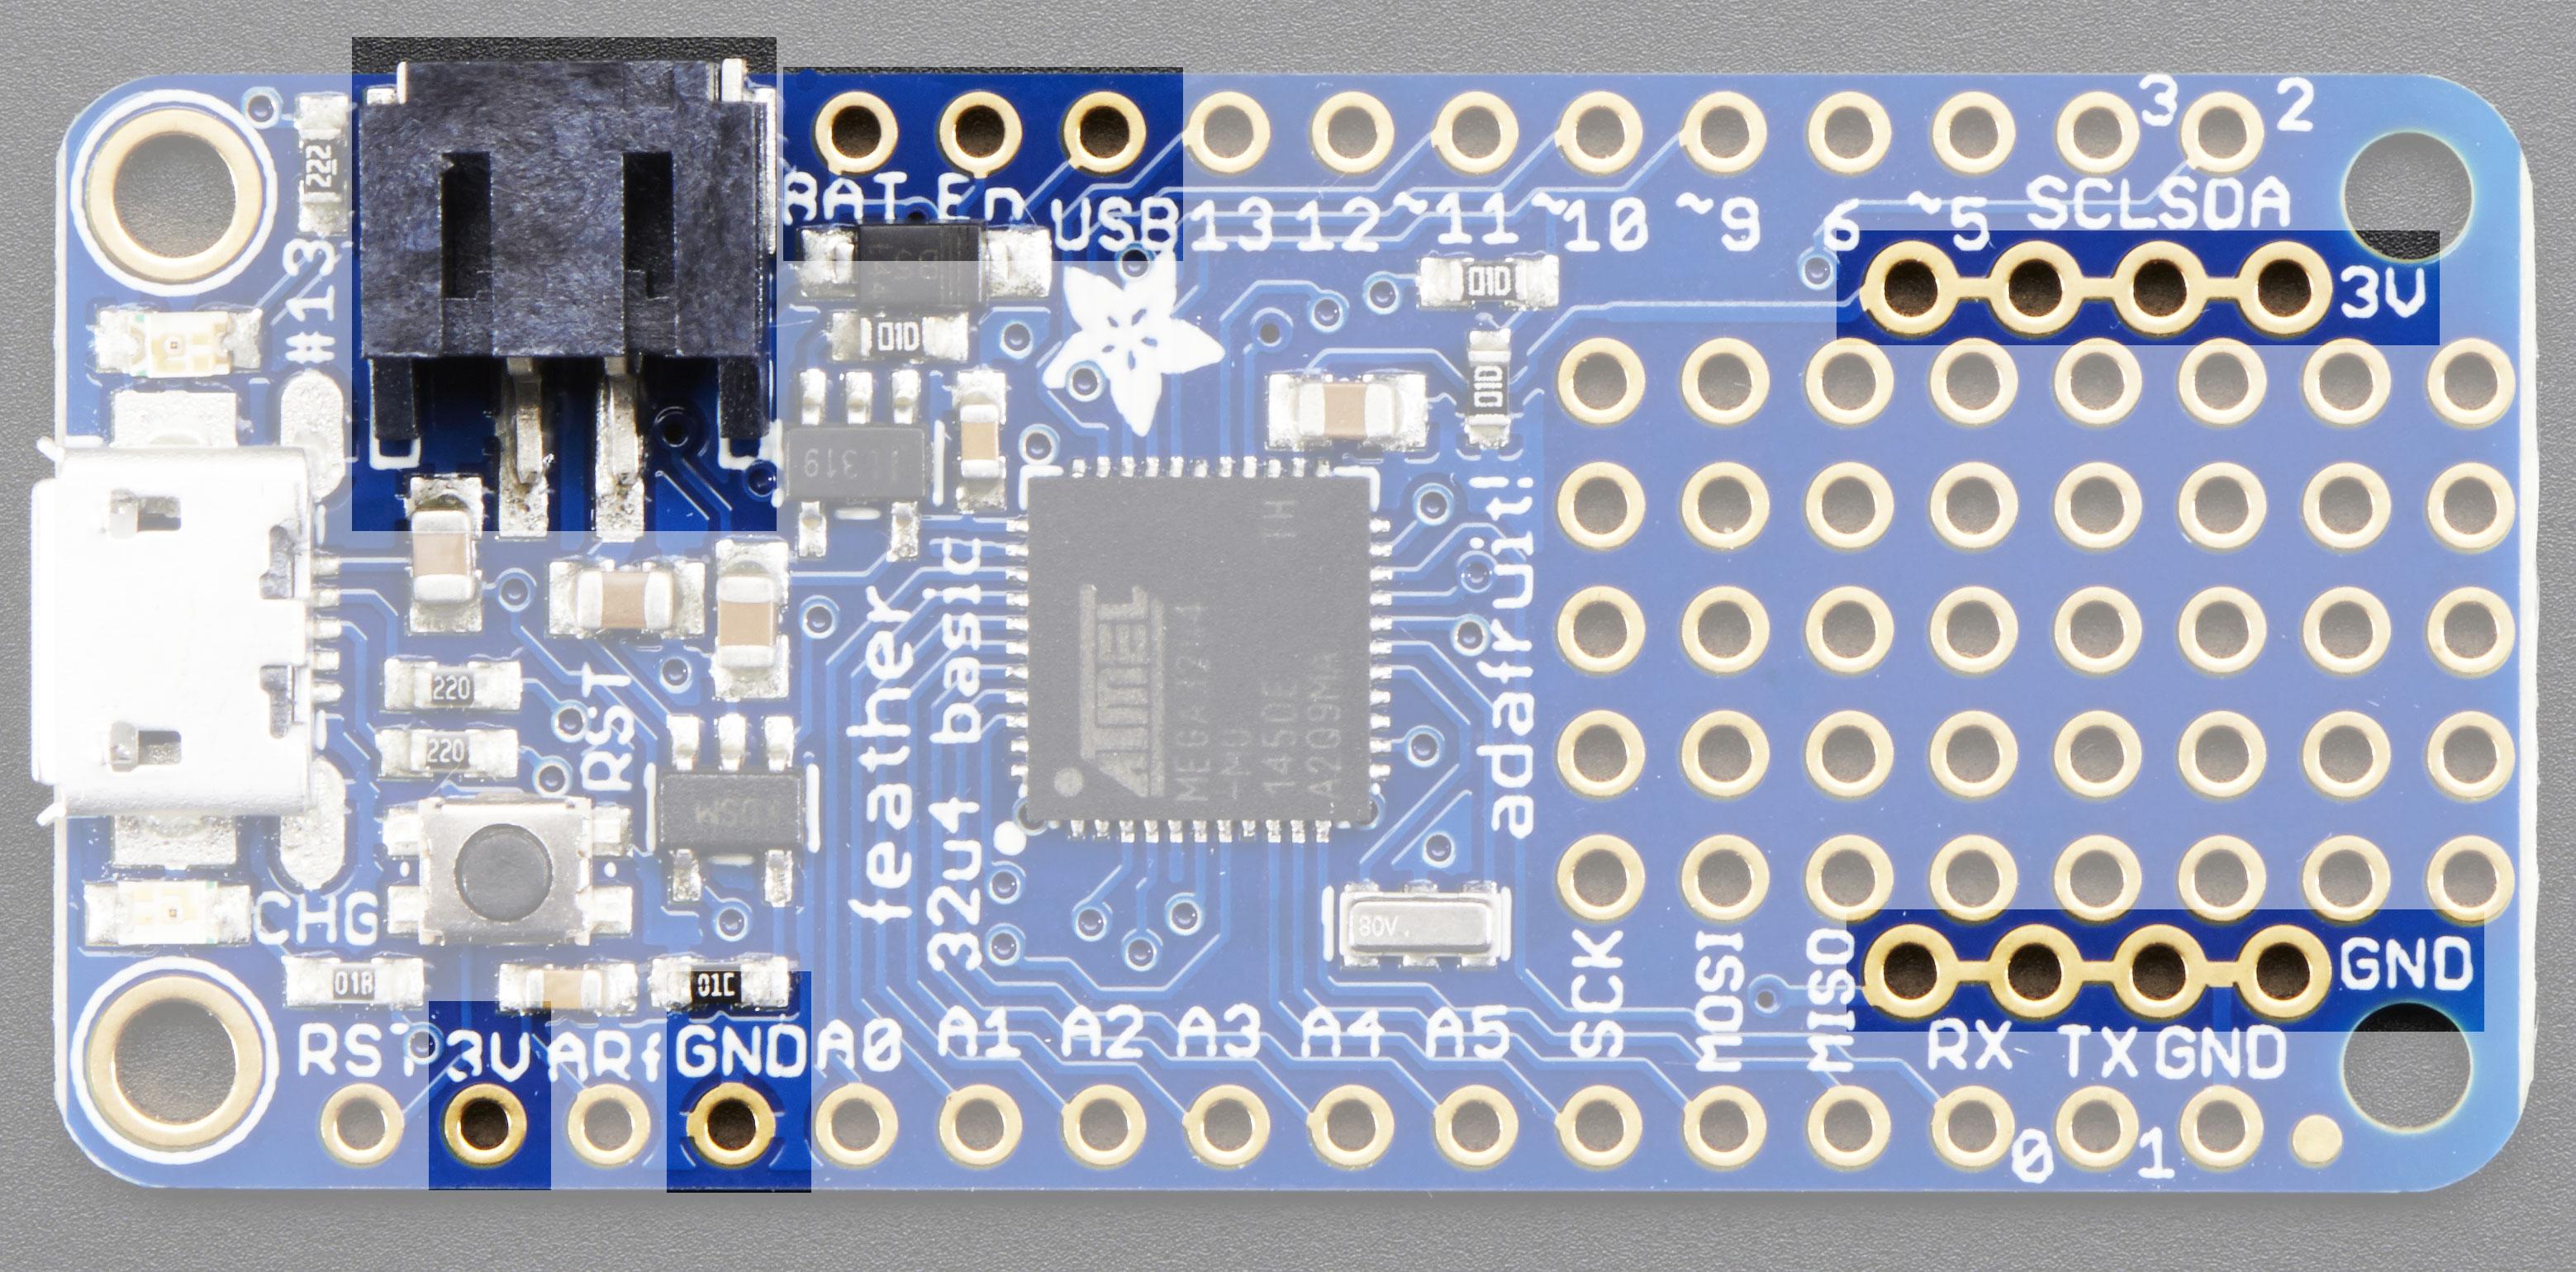 microcomputers_powerpins.jpg